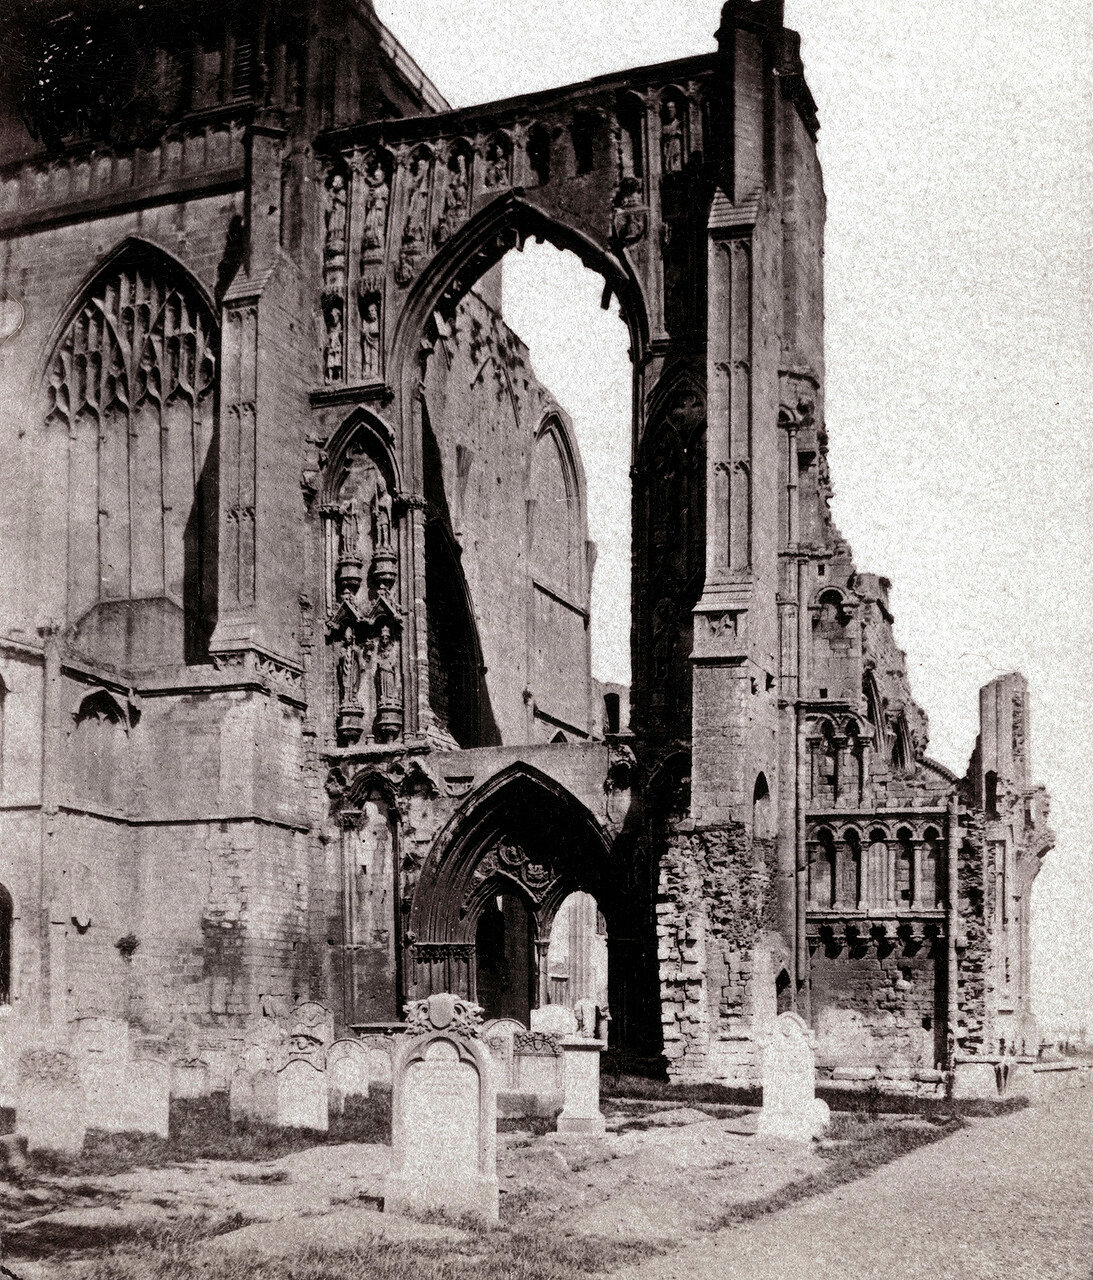 Аббатство Кроуленд, западный фасад. Великобритания, 1864